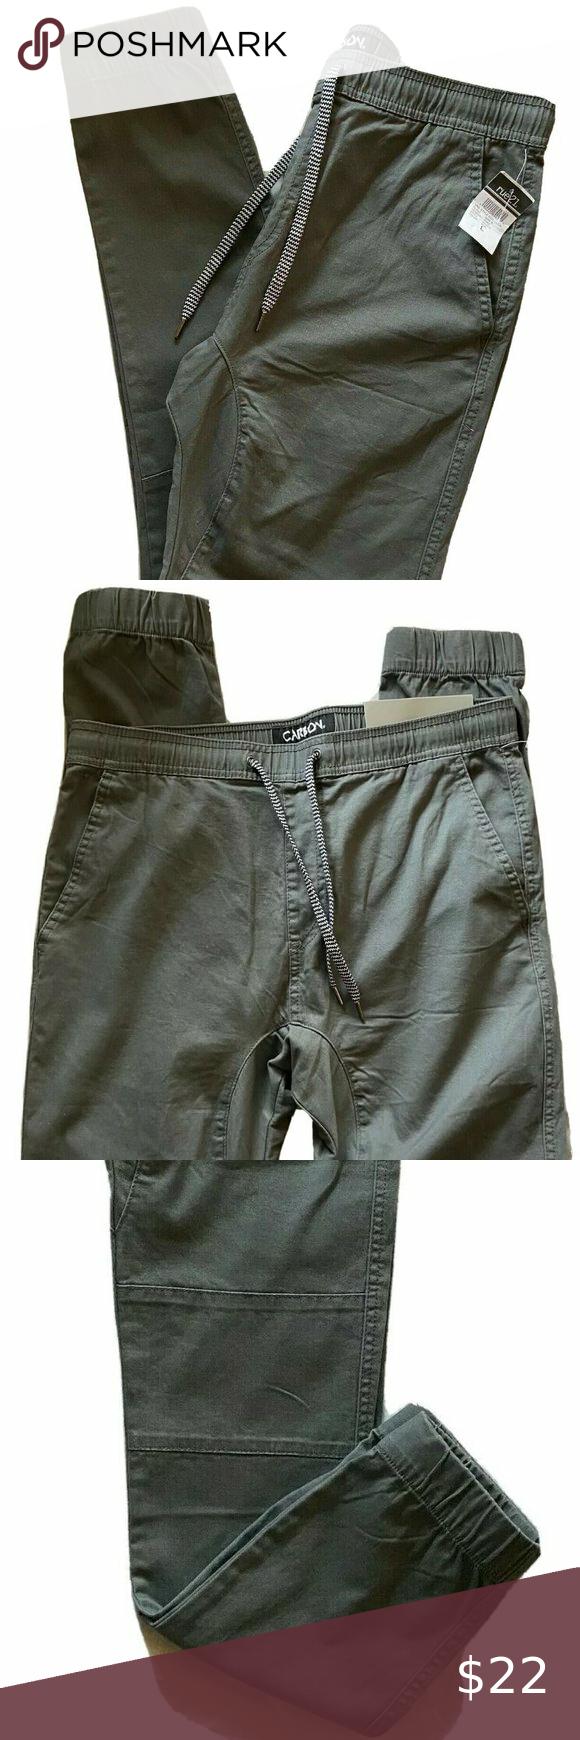 Sold Jogger Pants Joggers Clothes Design